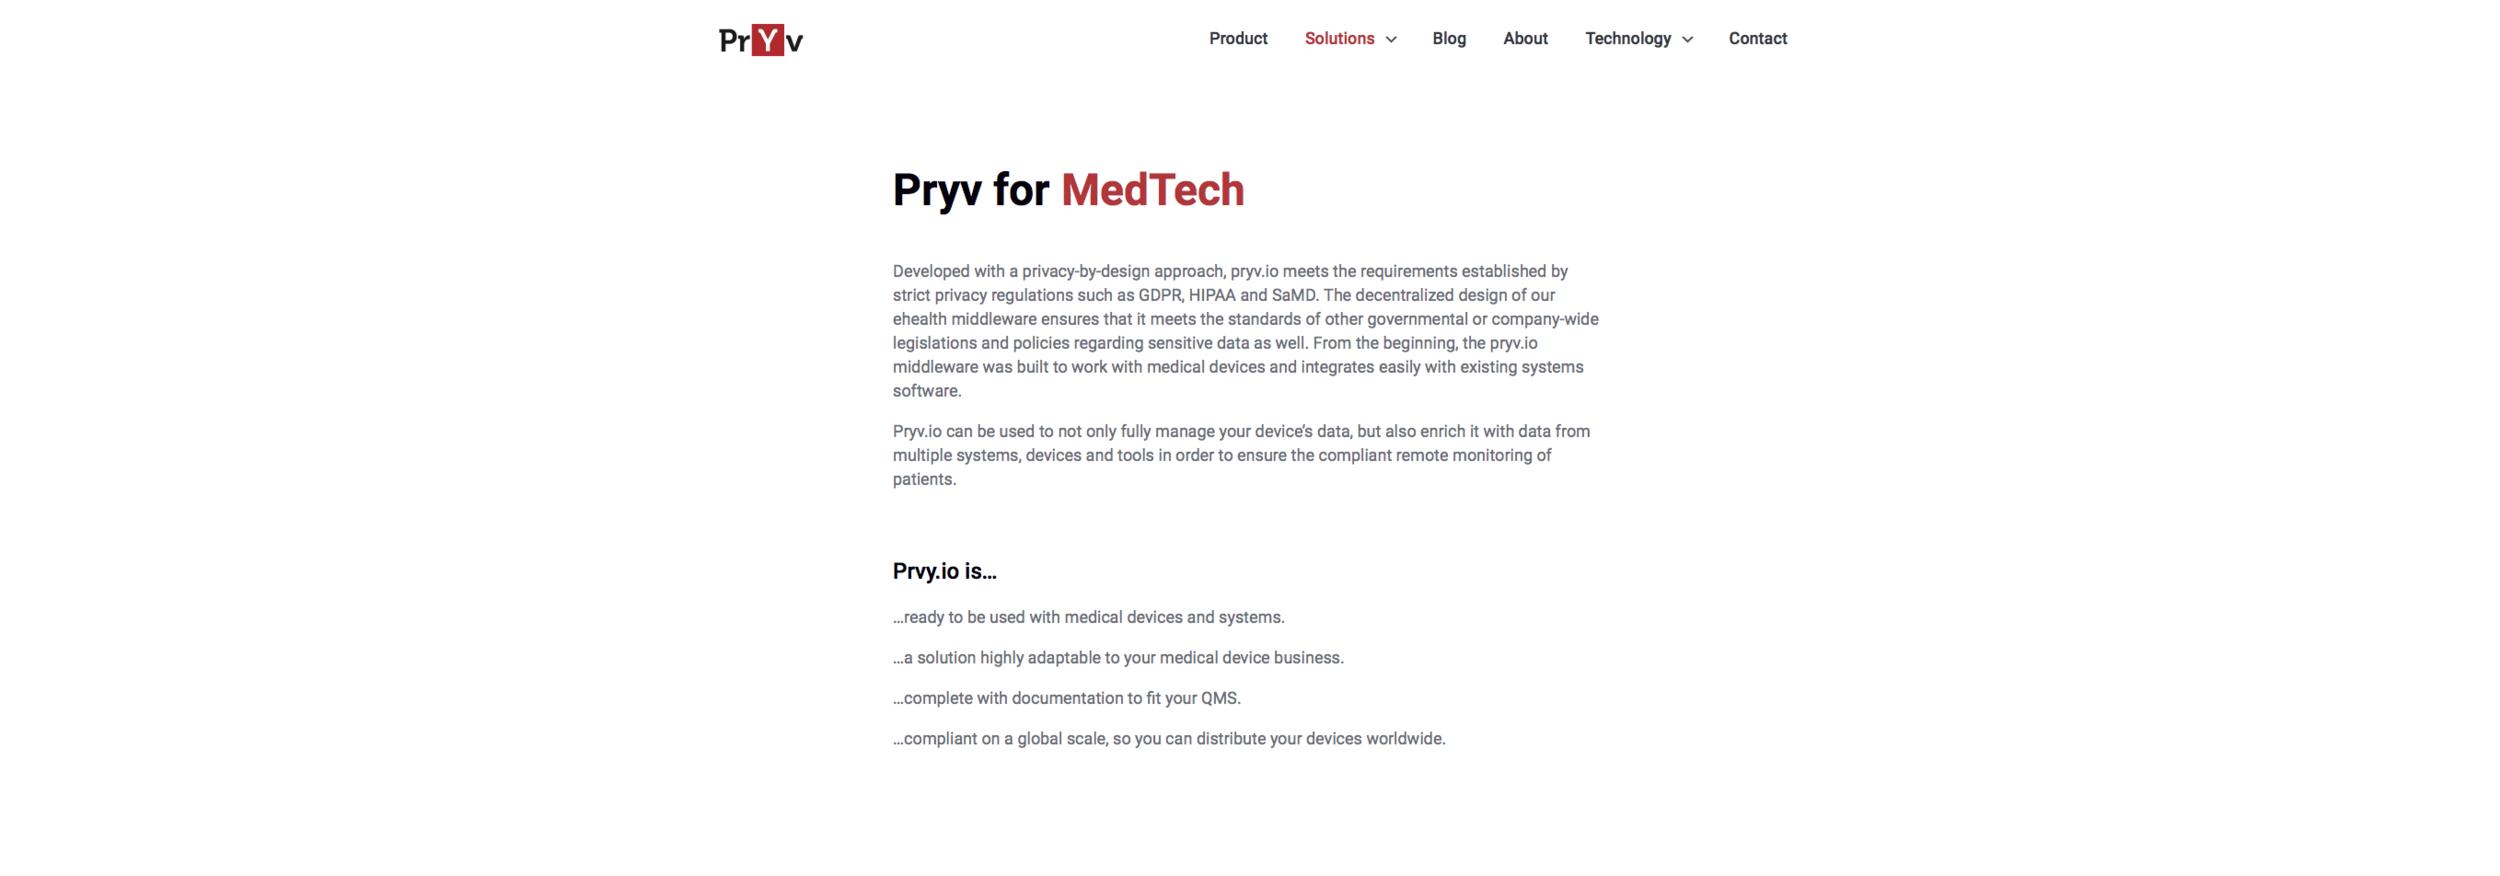 Solutions _ medtech (screenshot).png